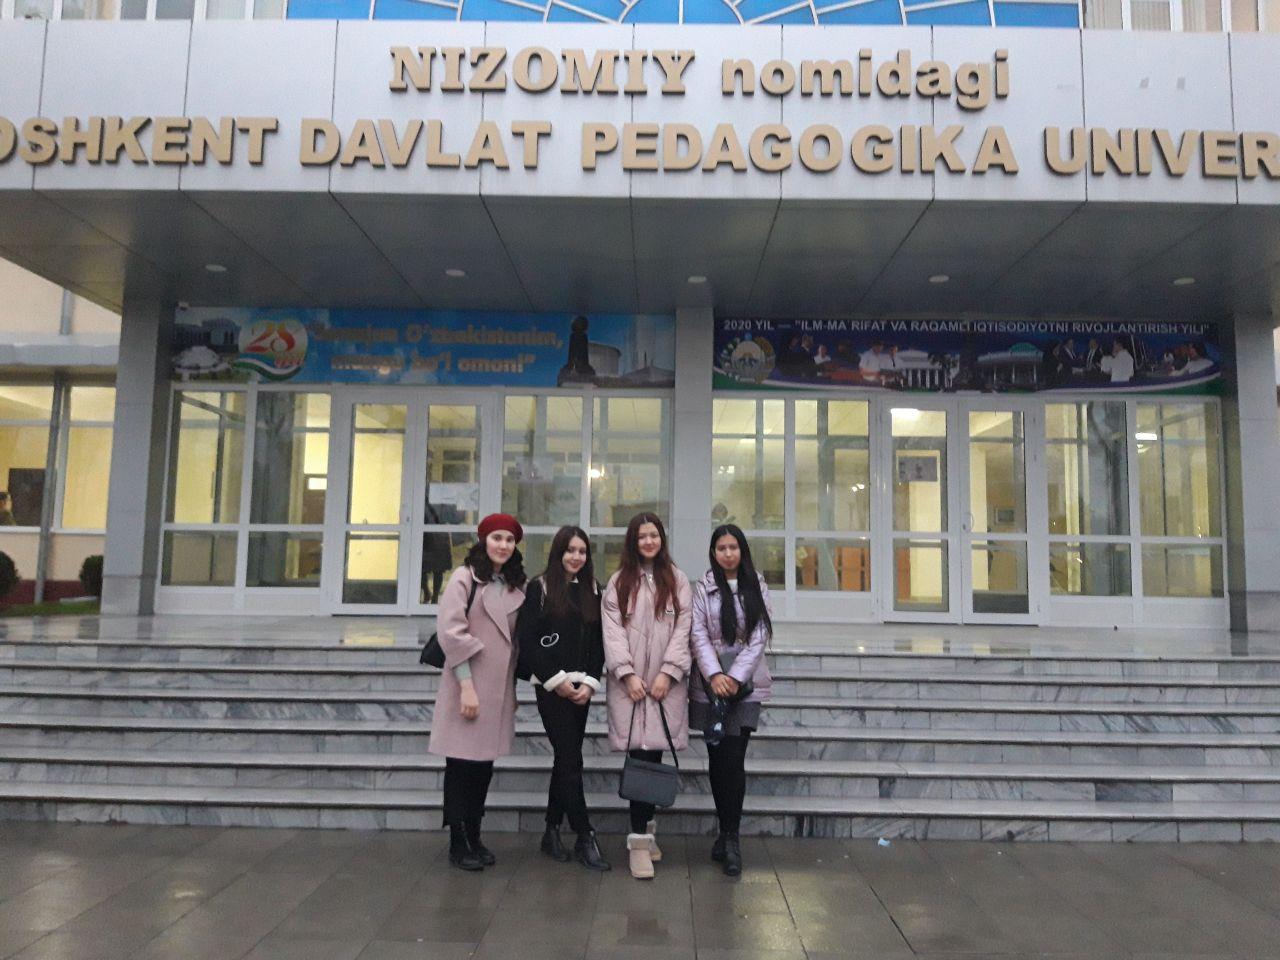 photo 2020 02 15 19 24 54 - Наши студенты в университете Низами